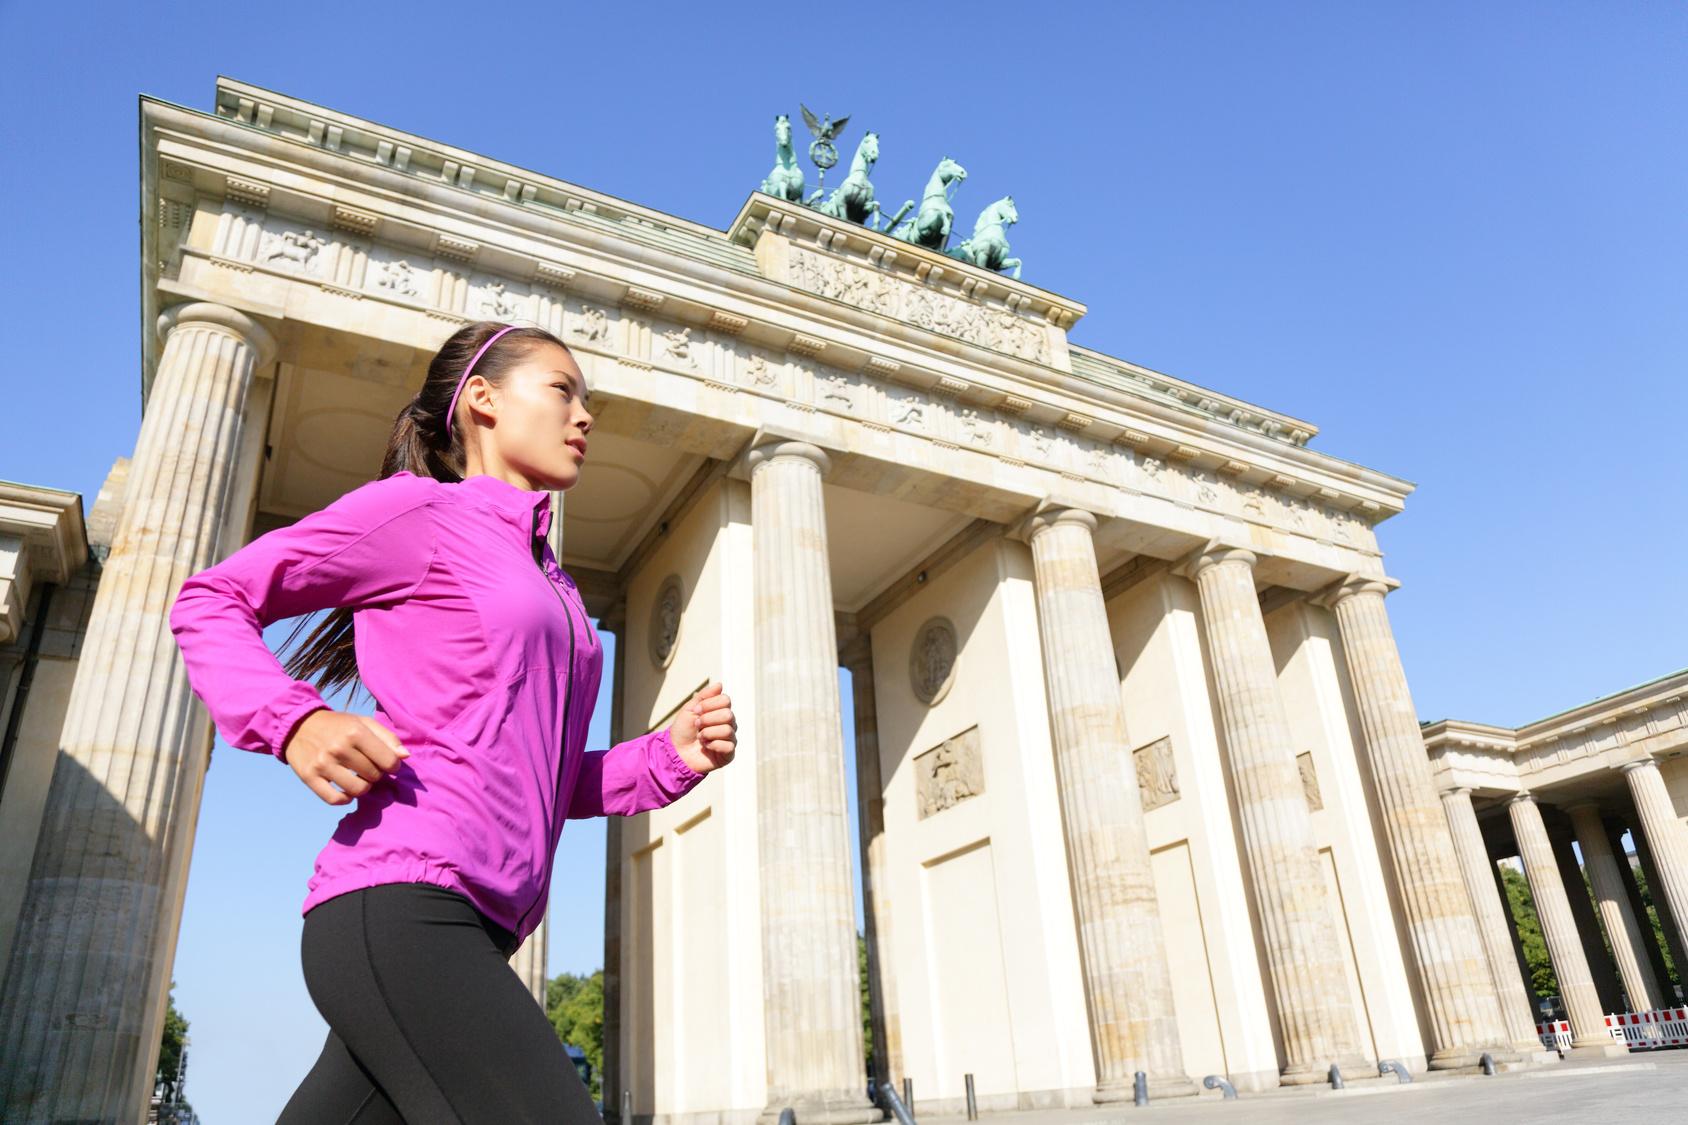 Laufschritt durch Berlin: Großstadt-Touren vorbei an Sehenswürdigkeiten und in die Natur